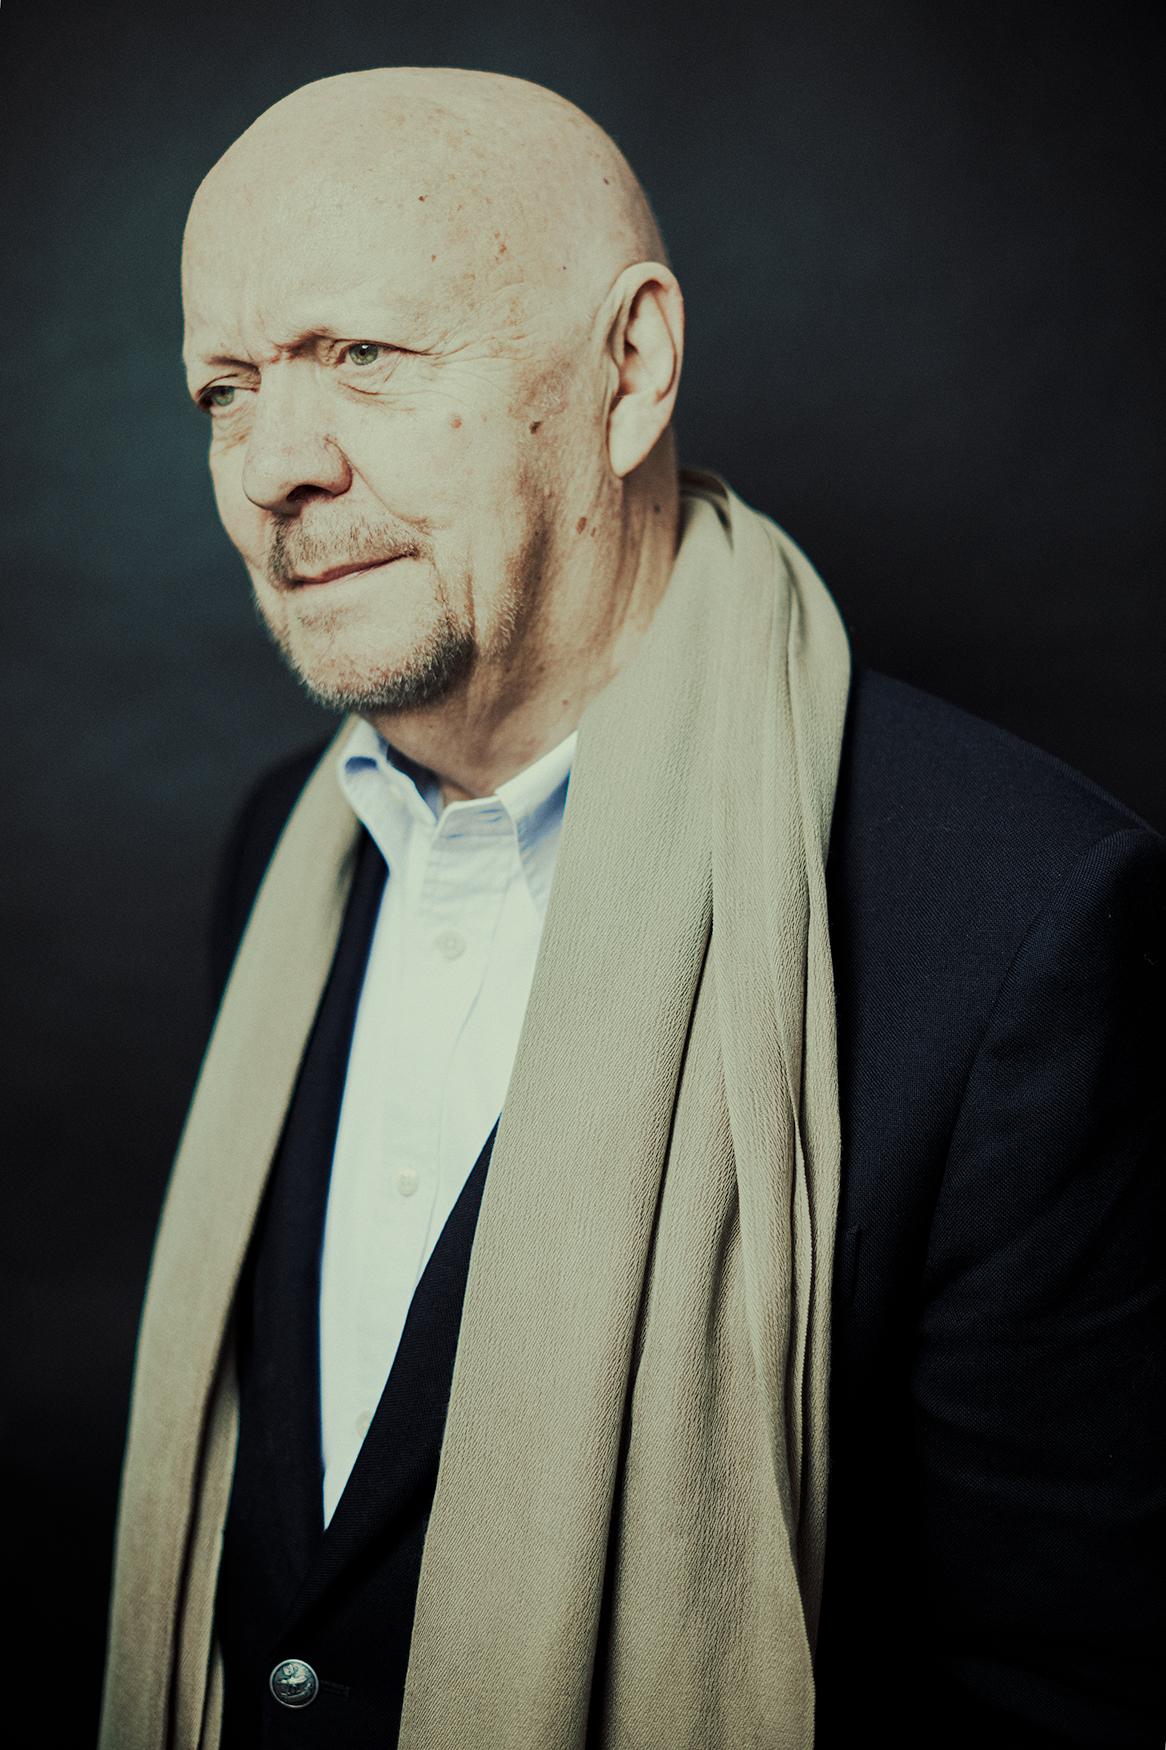 Jean-Paul Rappeneau à Cannes © Bertrand Noël